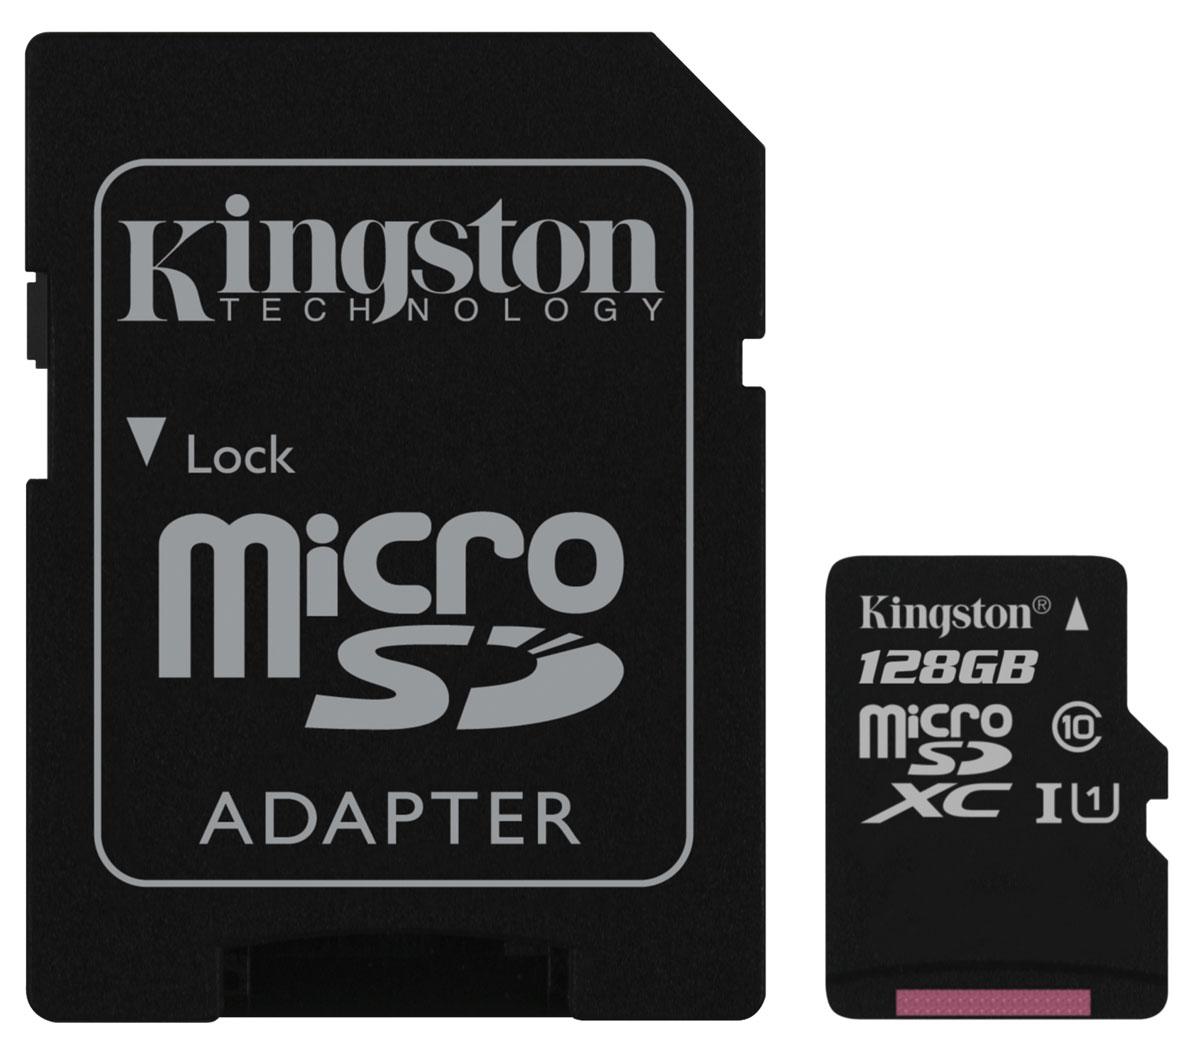 Kingston microSDXC Class 10 UHS-I 128GB карта памяти с адаптером